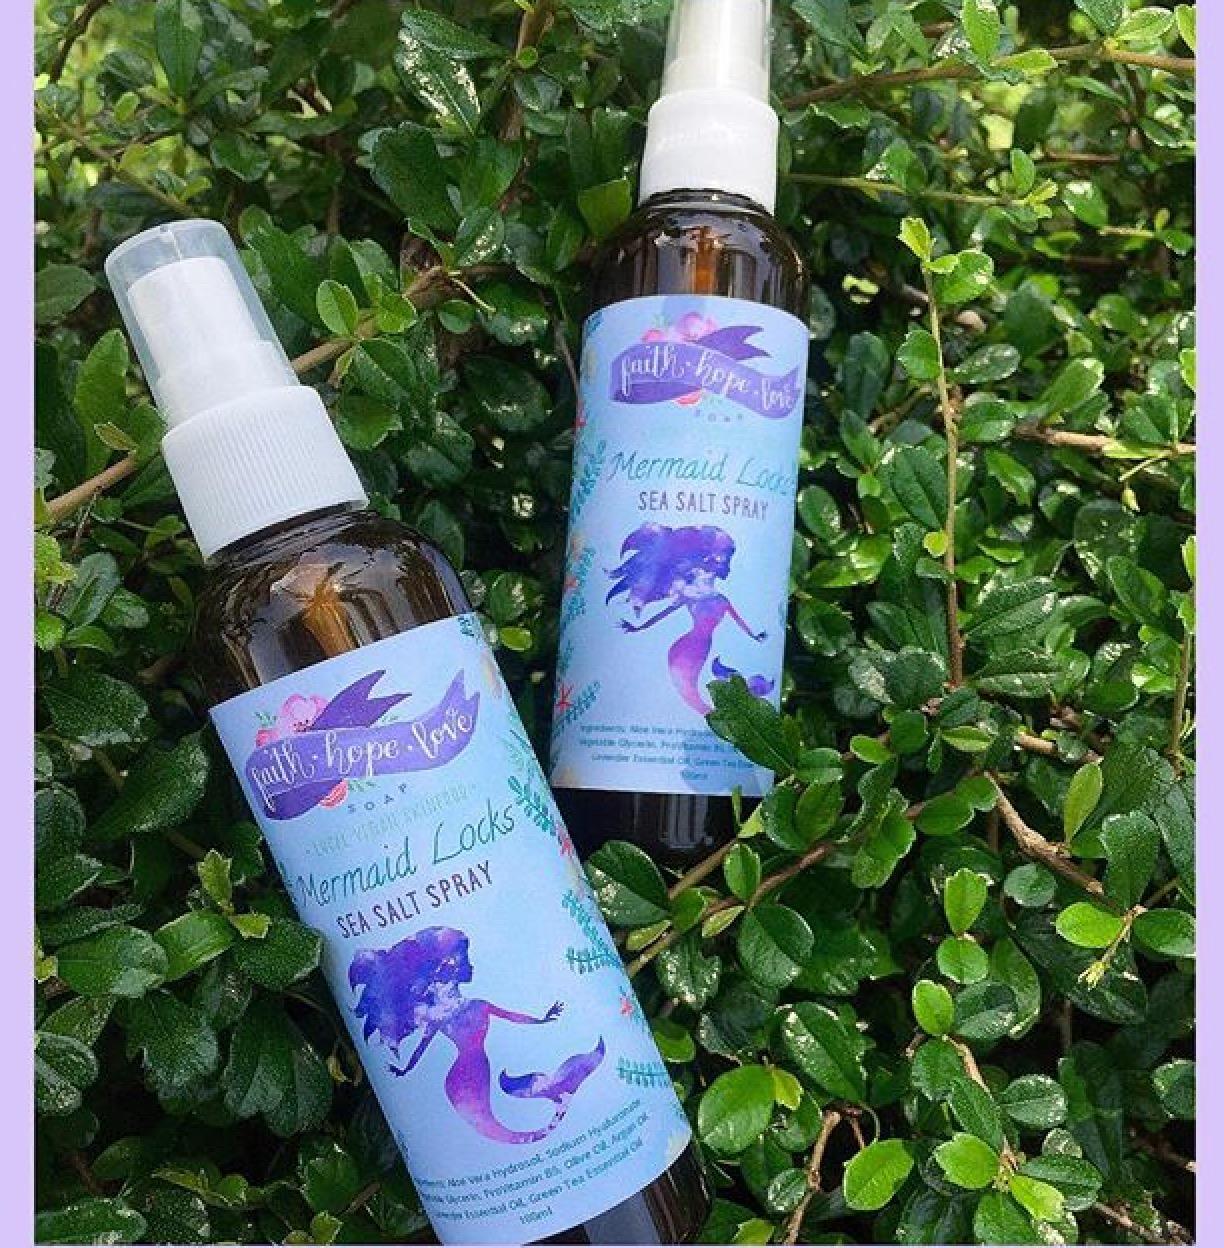 FaithHopeLove Local Vegan Skinfood Mermaid Locks Sea Salt Hairspray